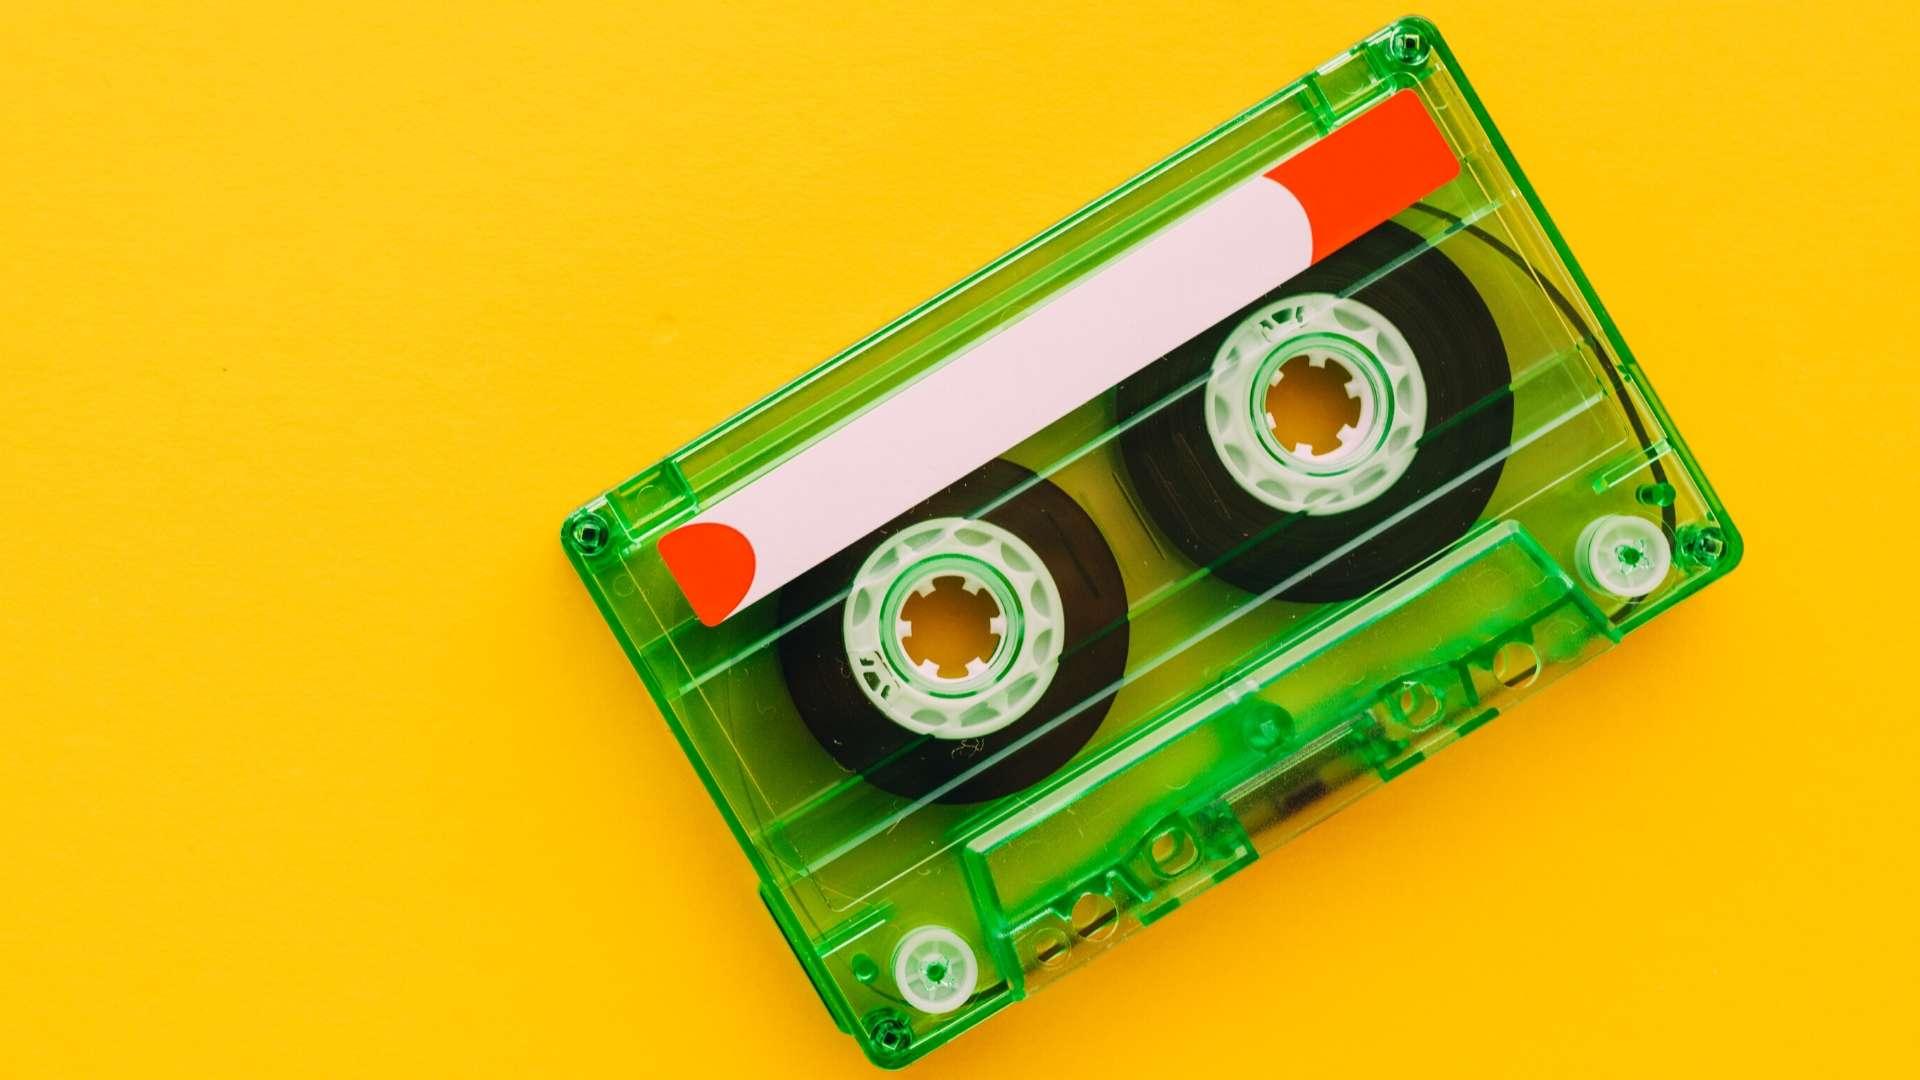 20 hit's que fizeram parte da sua adolescência